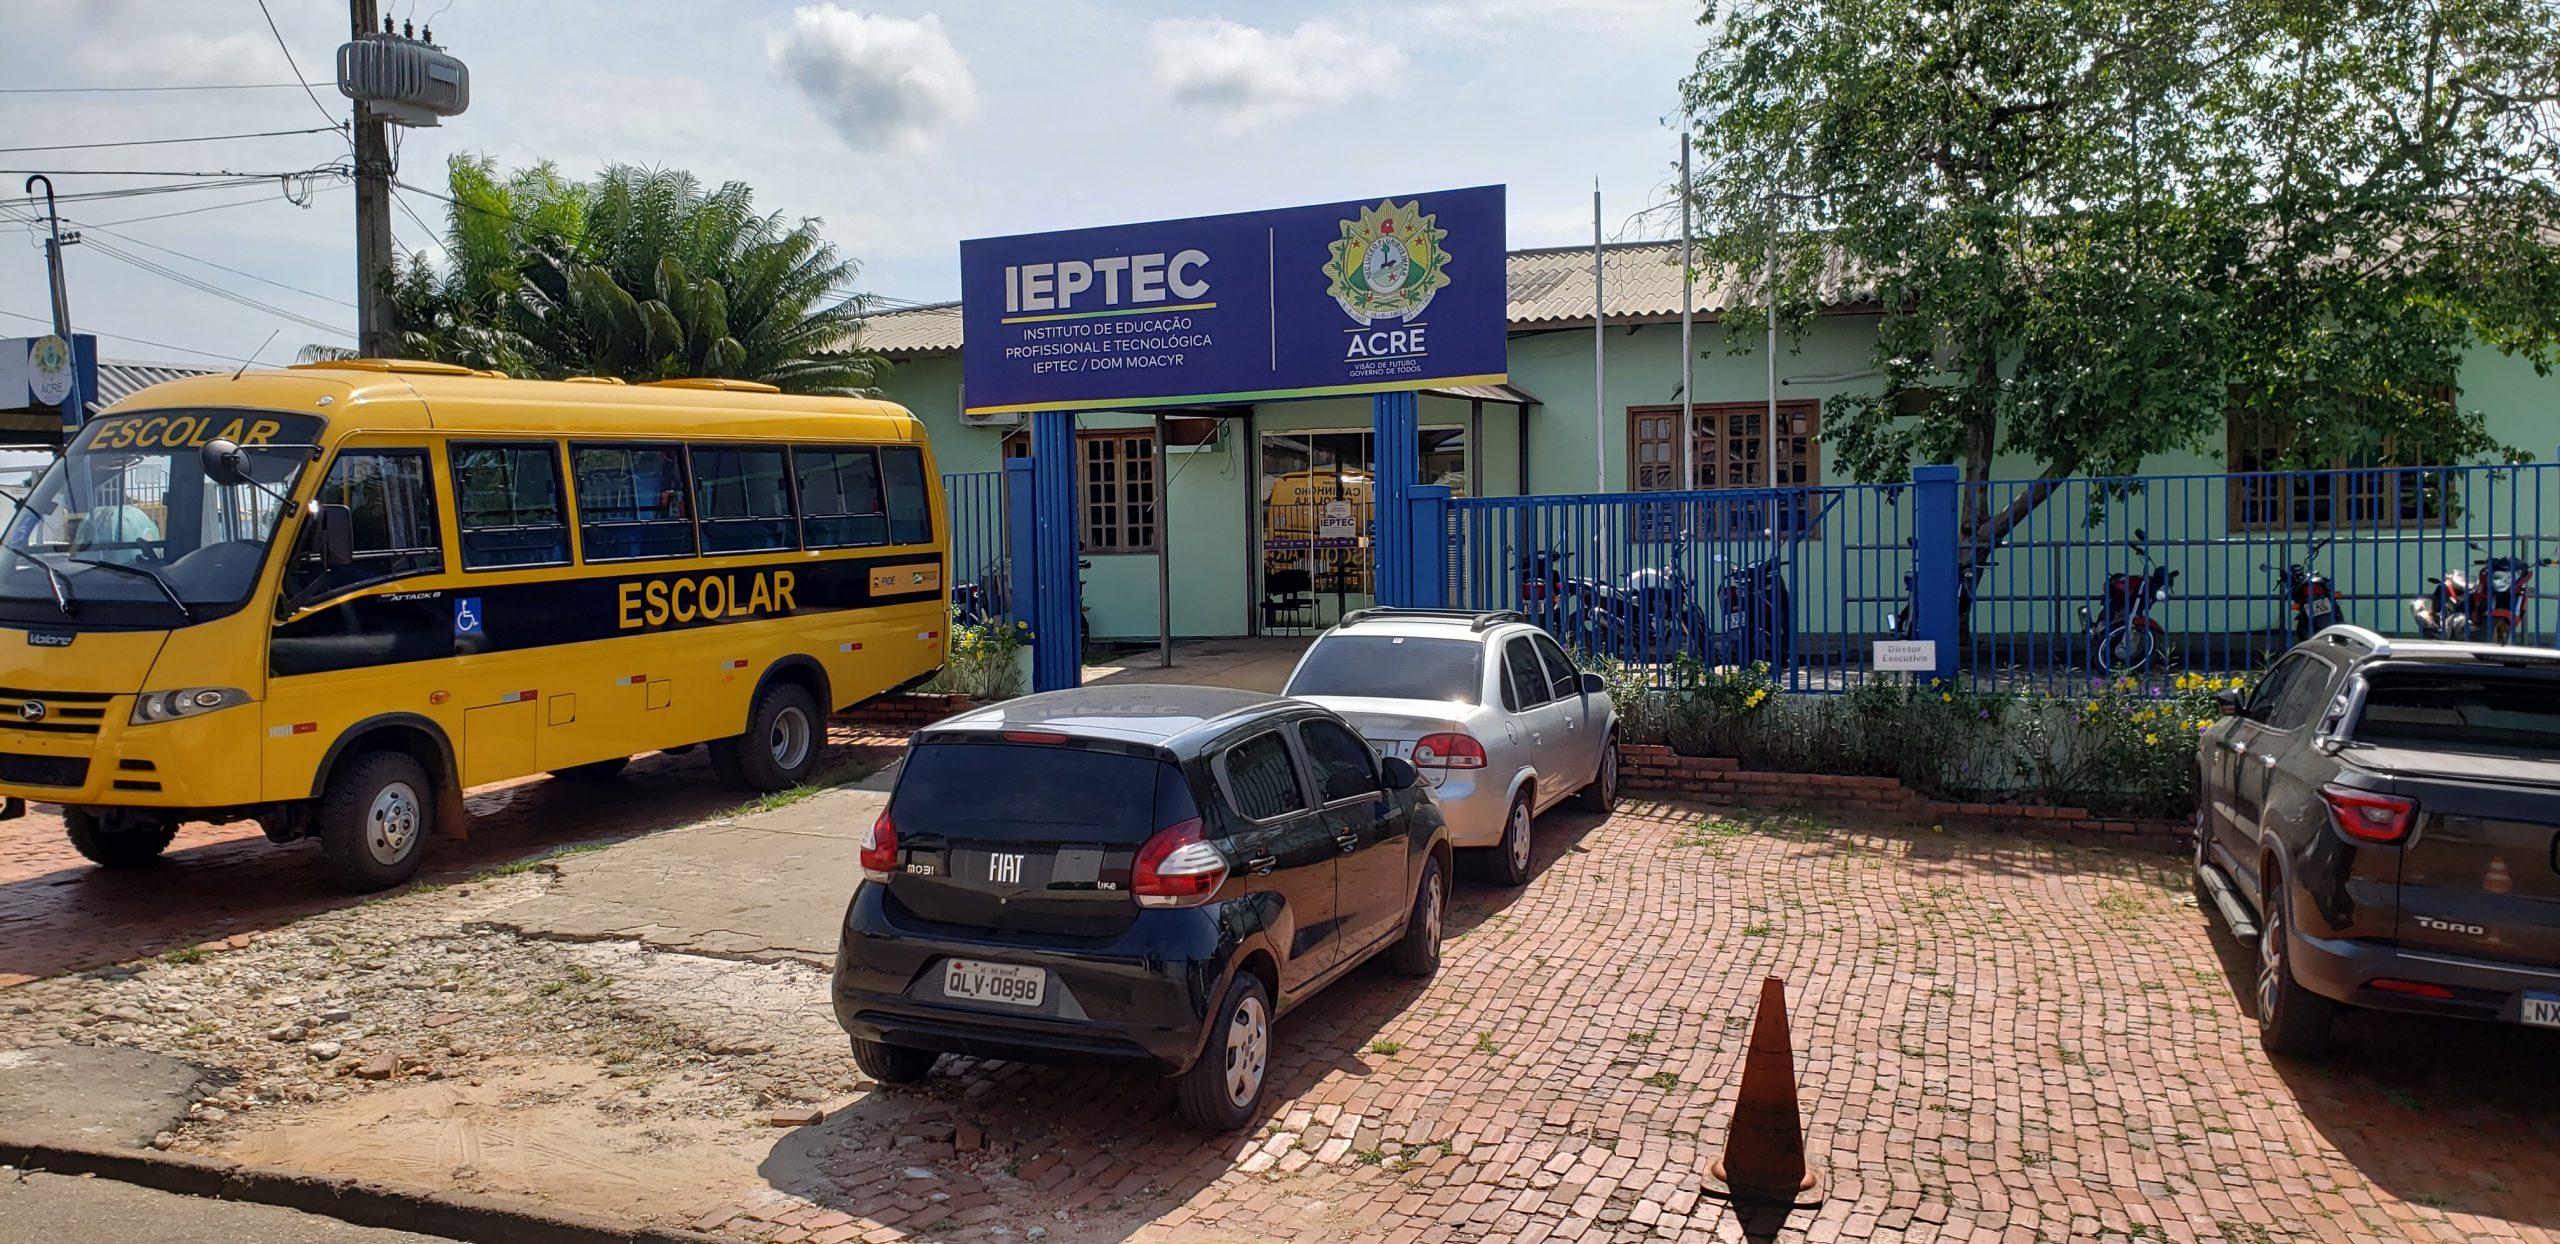 Ieptec Dom Moacyr lança edital para contratação de mediadores que vão atuar no sistema prisional do Acre